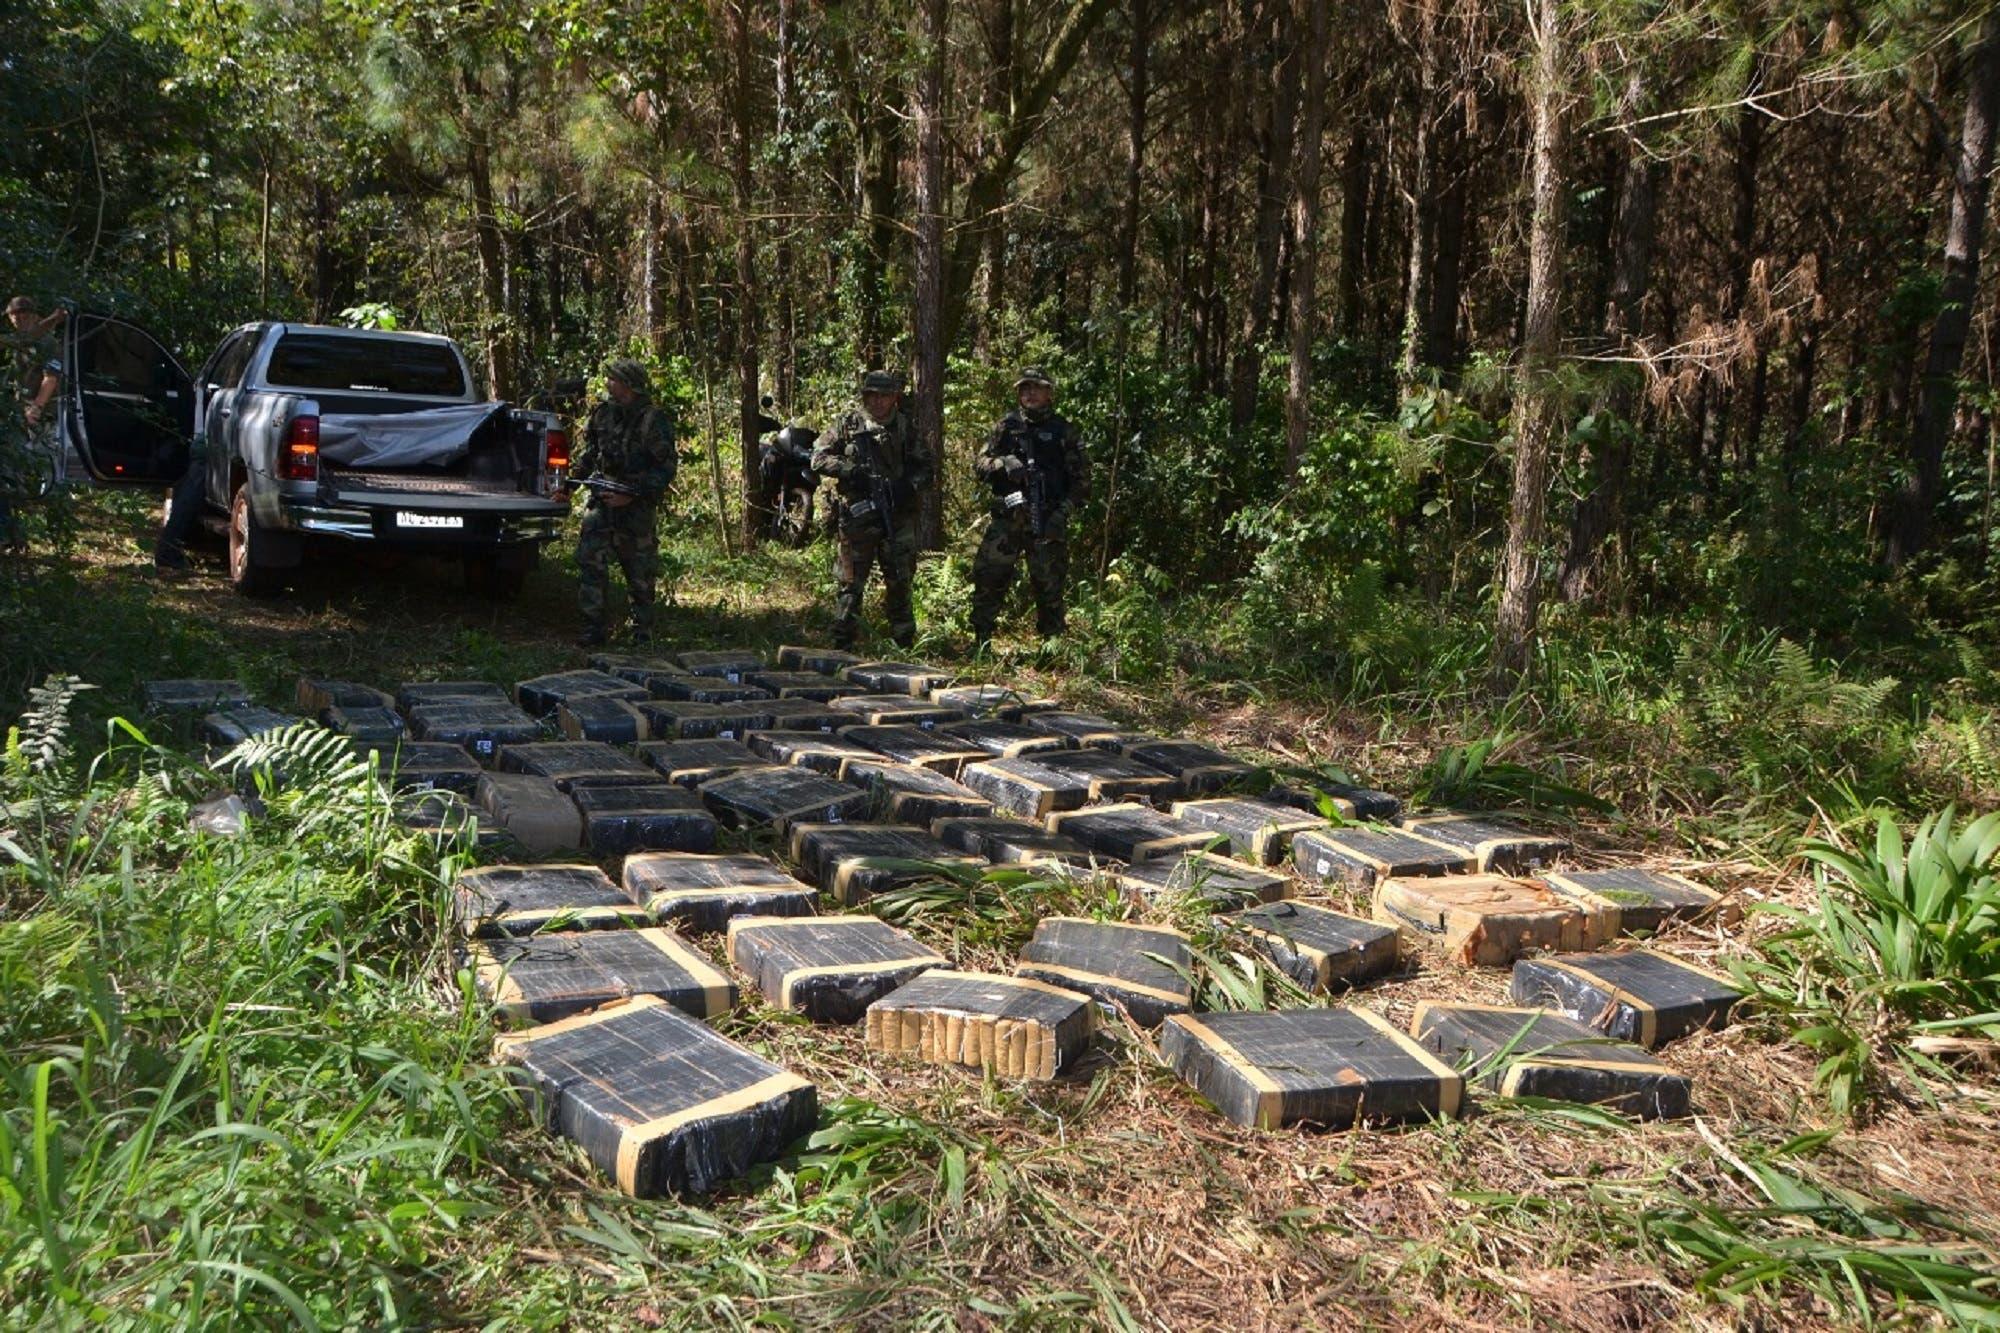 Secuestran 7500 kilos de marihuana en la selva misionera